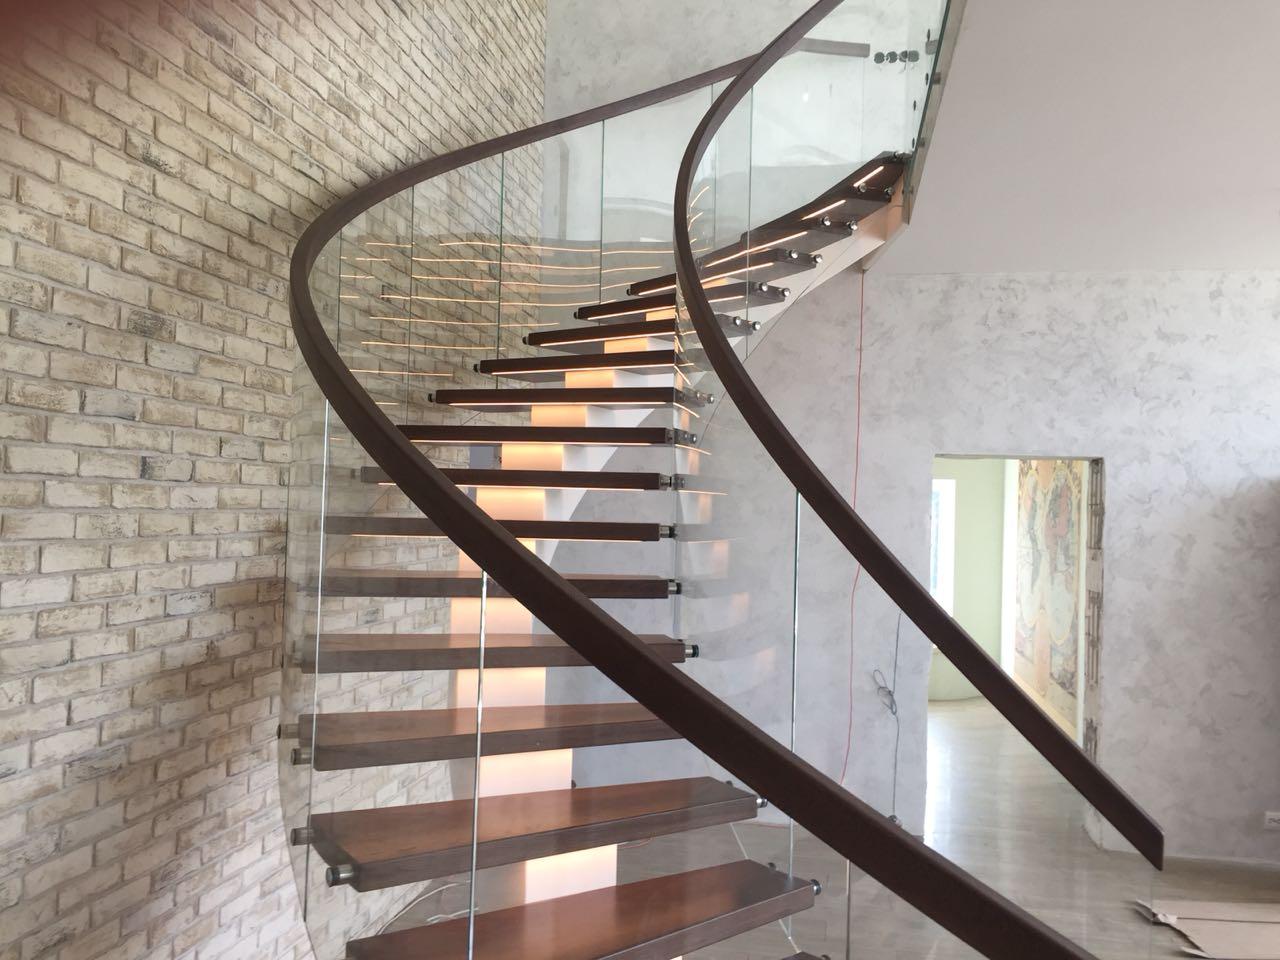 Лестница на металлическом монокосоуре с дубовыми ступенями и ограждением из стекла лестницы, мебель, интерьеры